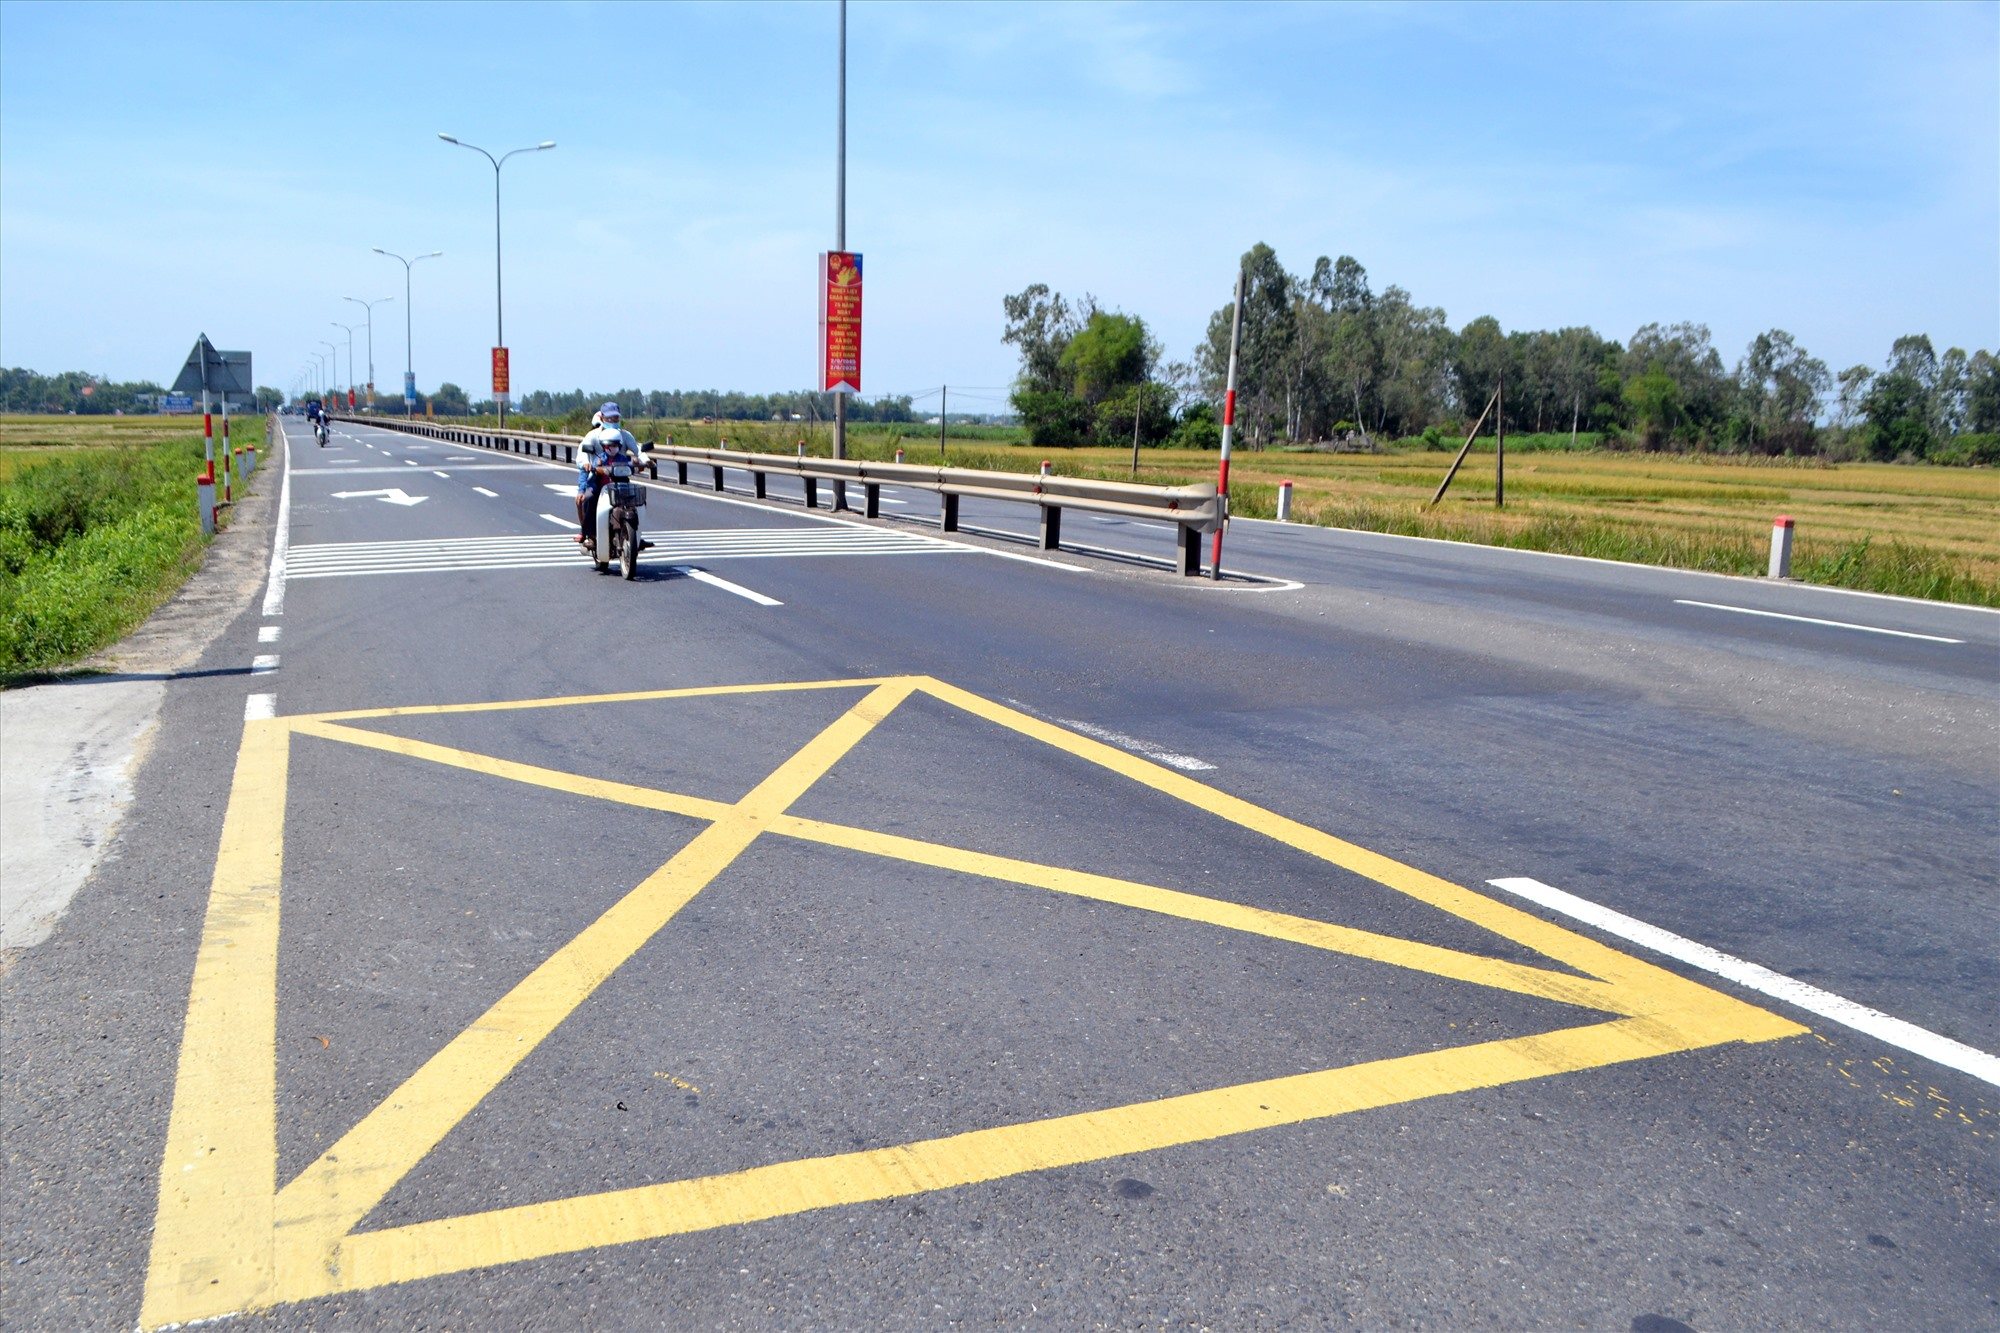 Vạch mắc võng tại nơi giao nhau giữa quốc lộ 1 với đường kết nối rất cần thiết cho người tham gia giao thông. Ảnh: K.K